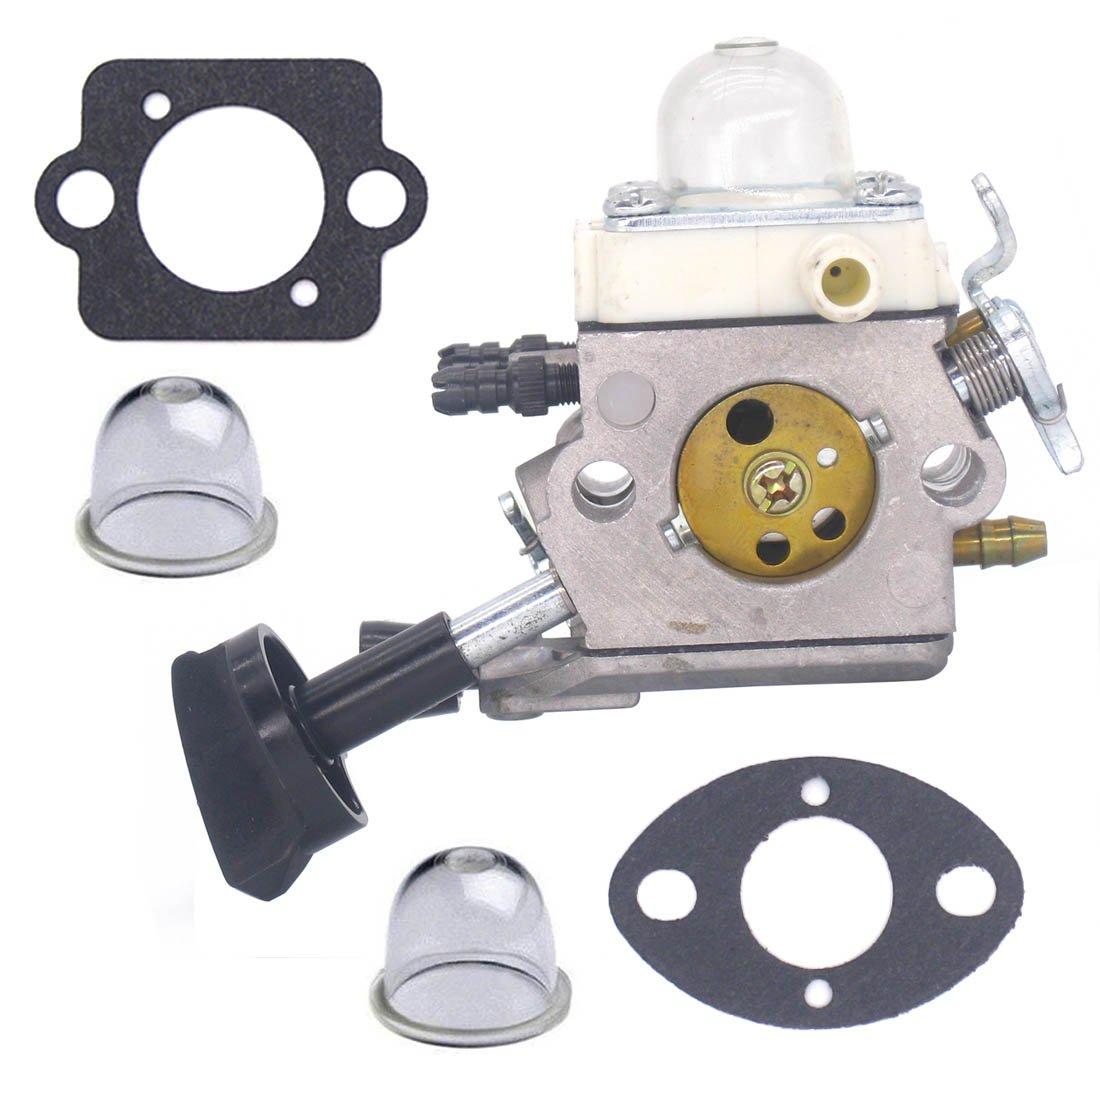 Atoparts - Carburador de Repuesto para soplador Stihl SH56 ...